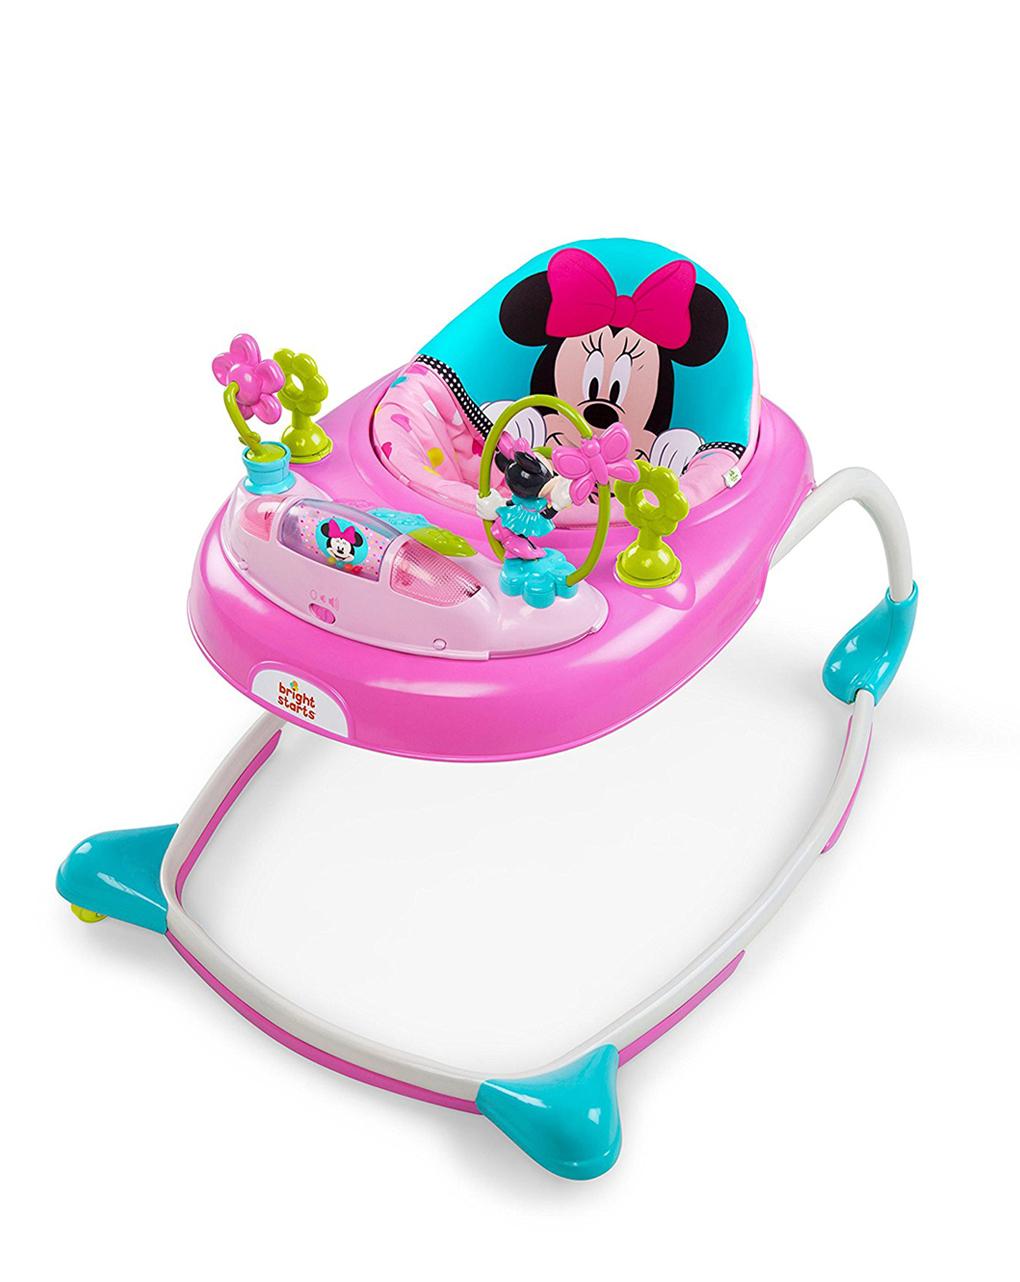 Girello minnie stars&smiles - Disney